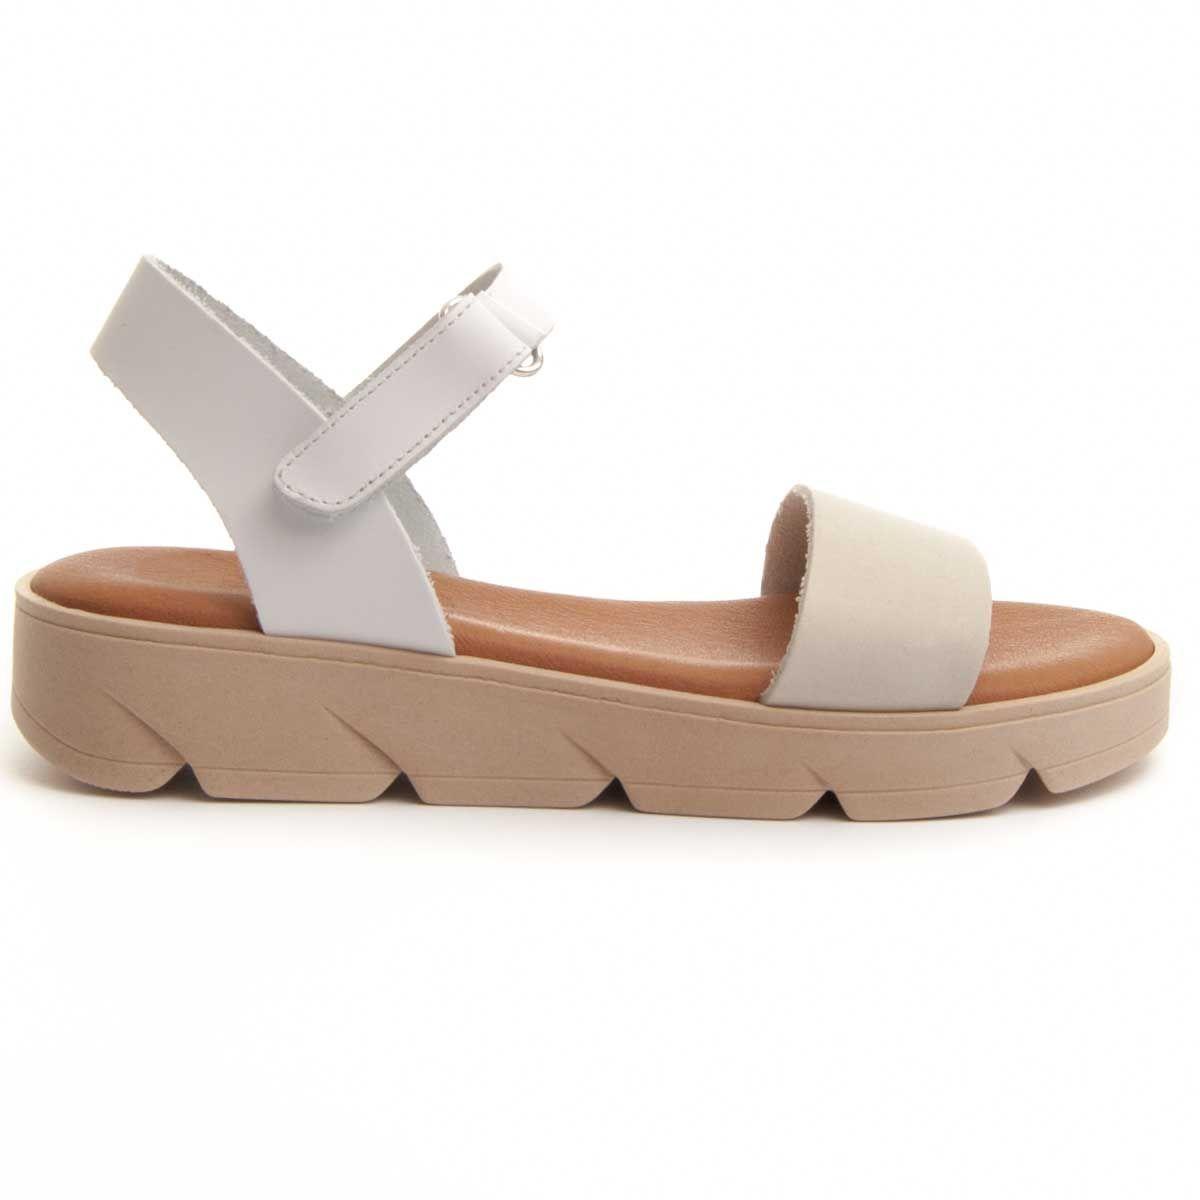 Purapiel Strappy Sandal in White